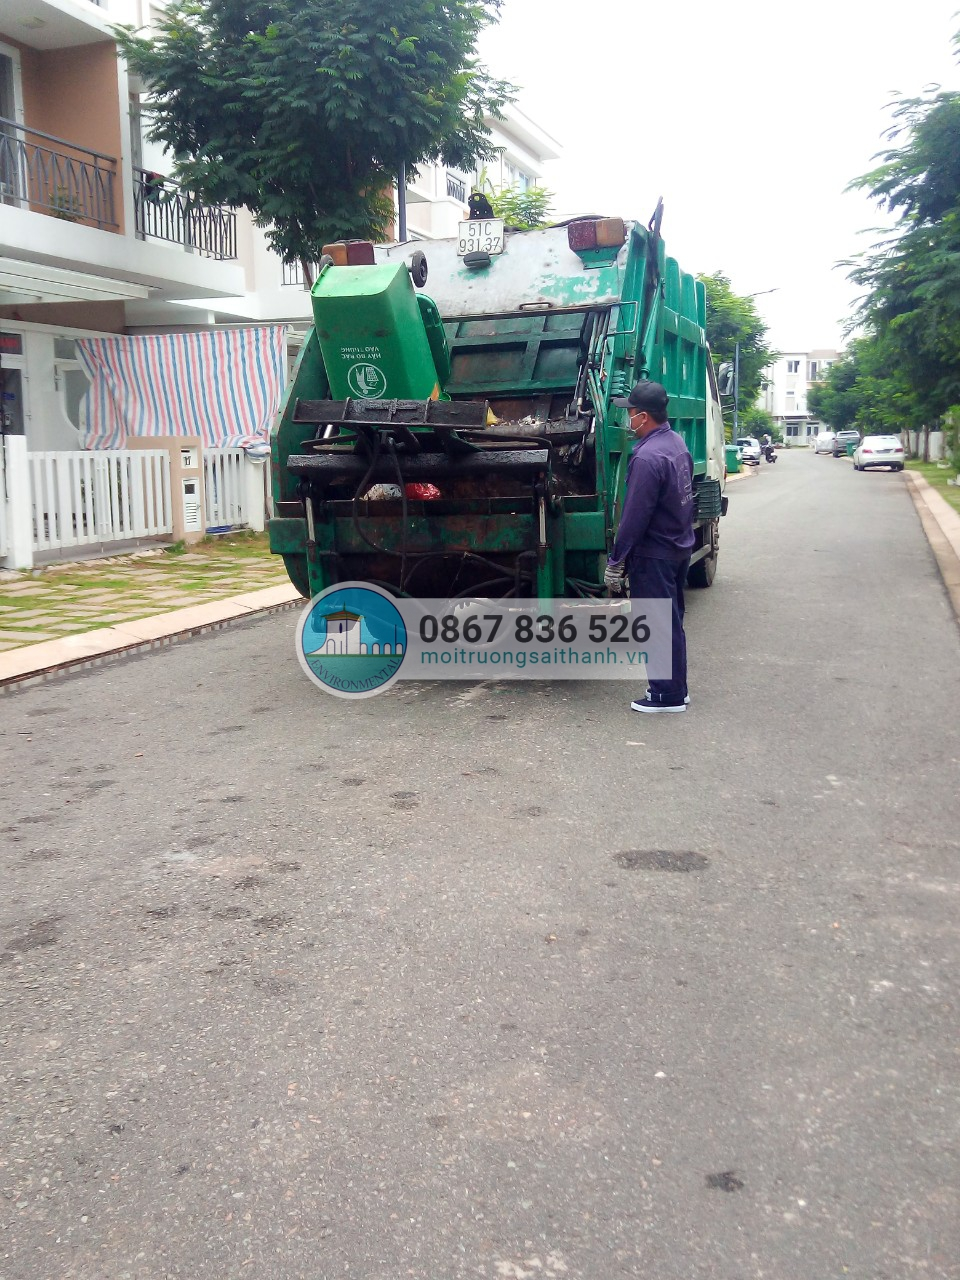 Thu gom rác sinh hoạt nhà phố